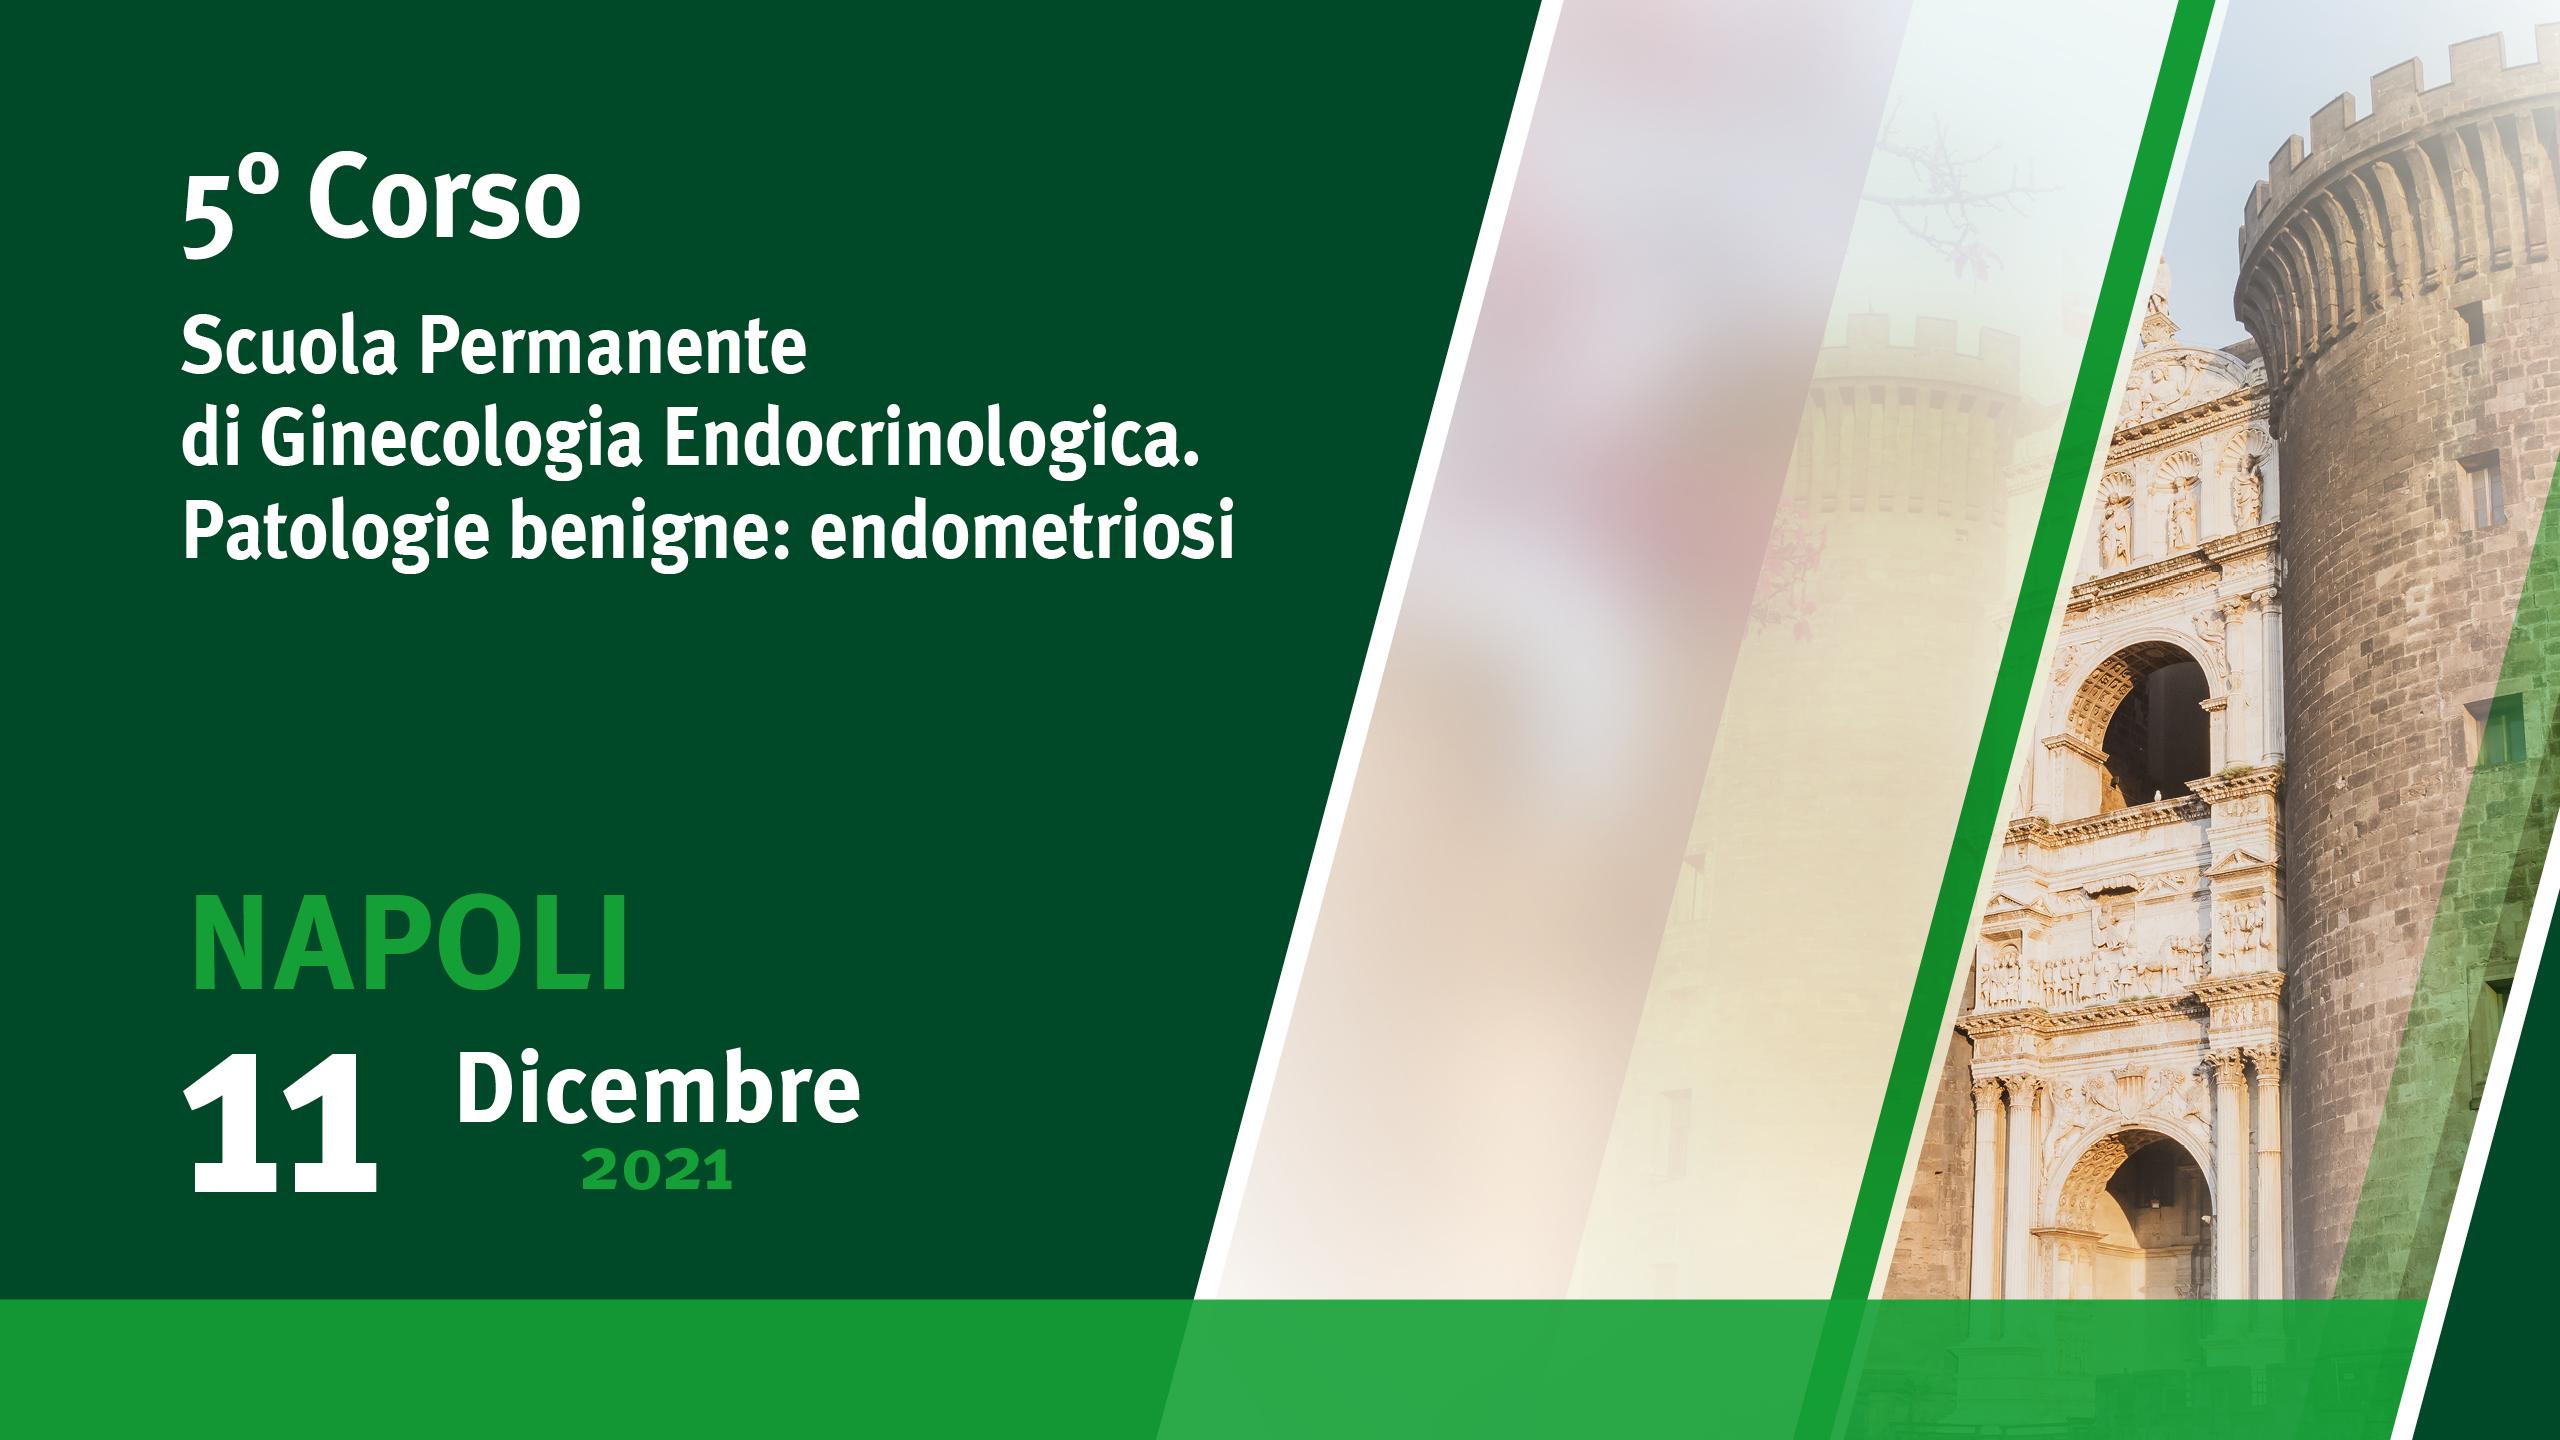 Scuola Permanente di Ginecologia Endocrinologica. Patologie Benigne: endometriosi. 5° Corso